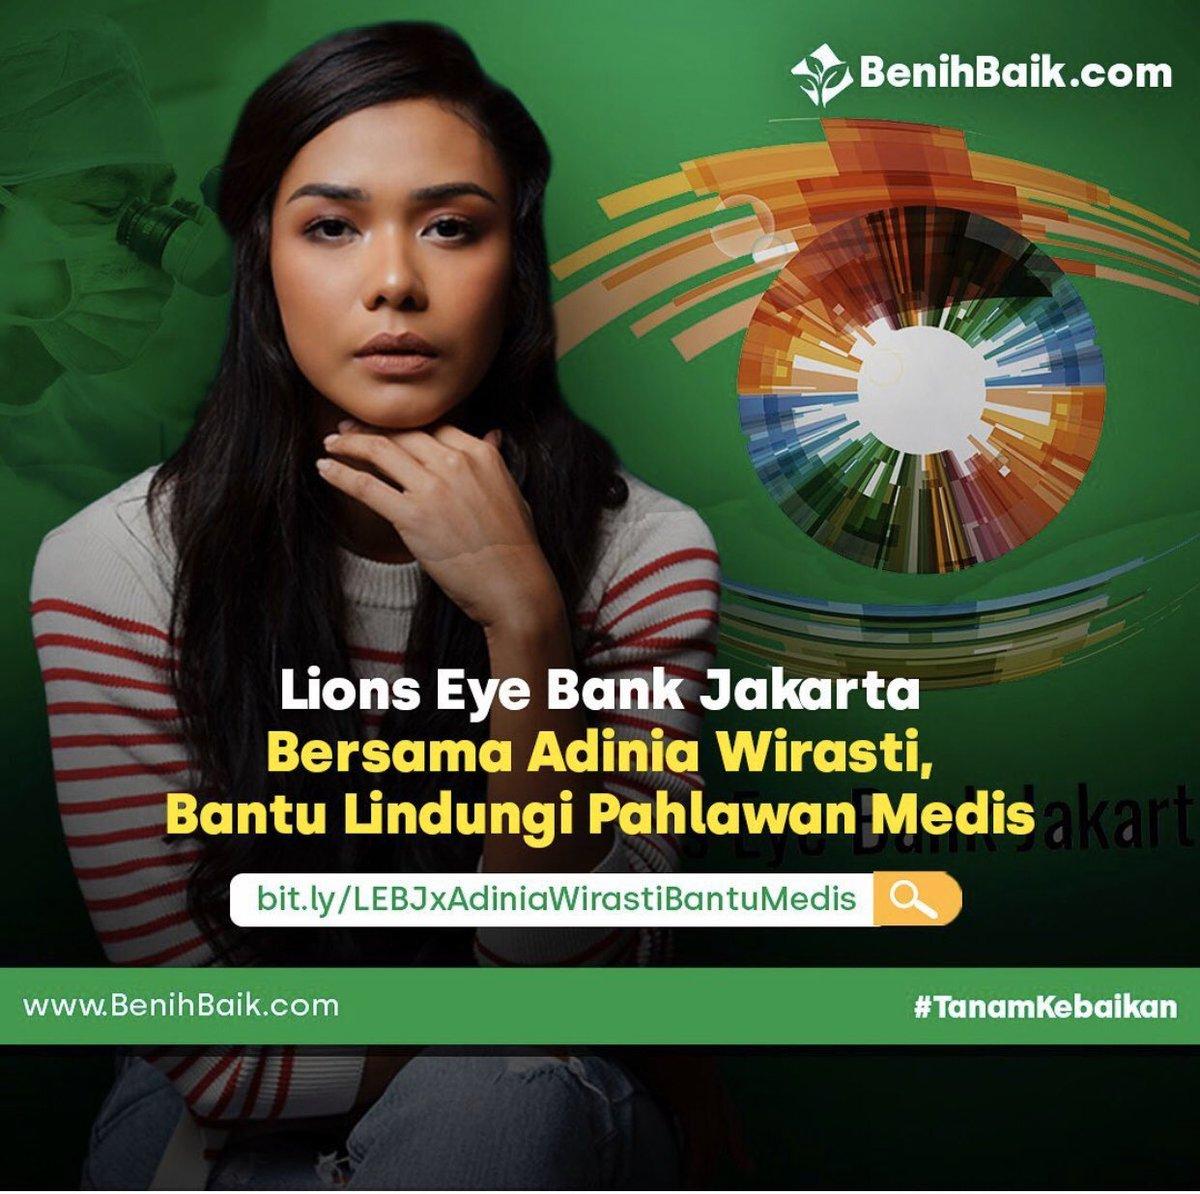 Lions Eye Bank Jakarta bersama @AdiniaWirasti   bersama sama mengadakan penggalangan dana untuk para Pahlawan Medis melalui @benihbaik ( http://www.benihbaik.com) .